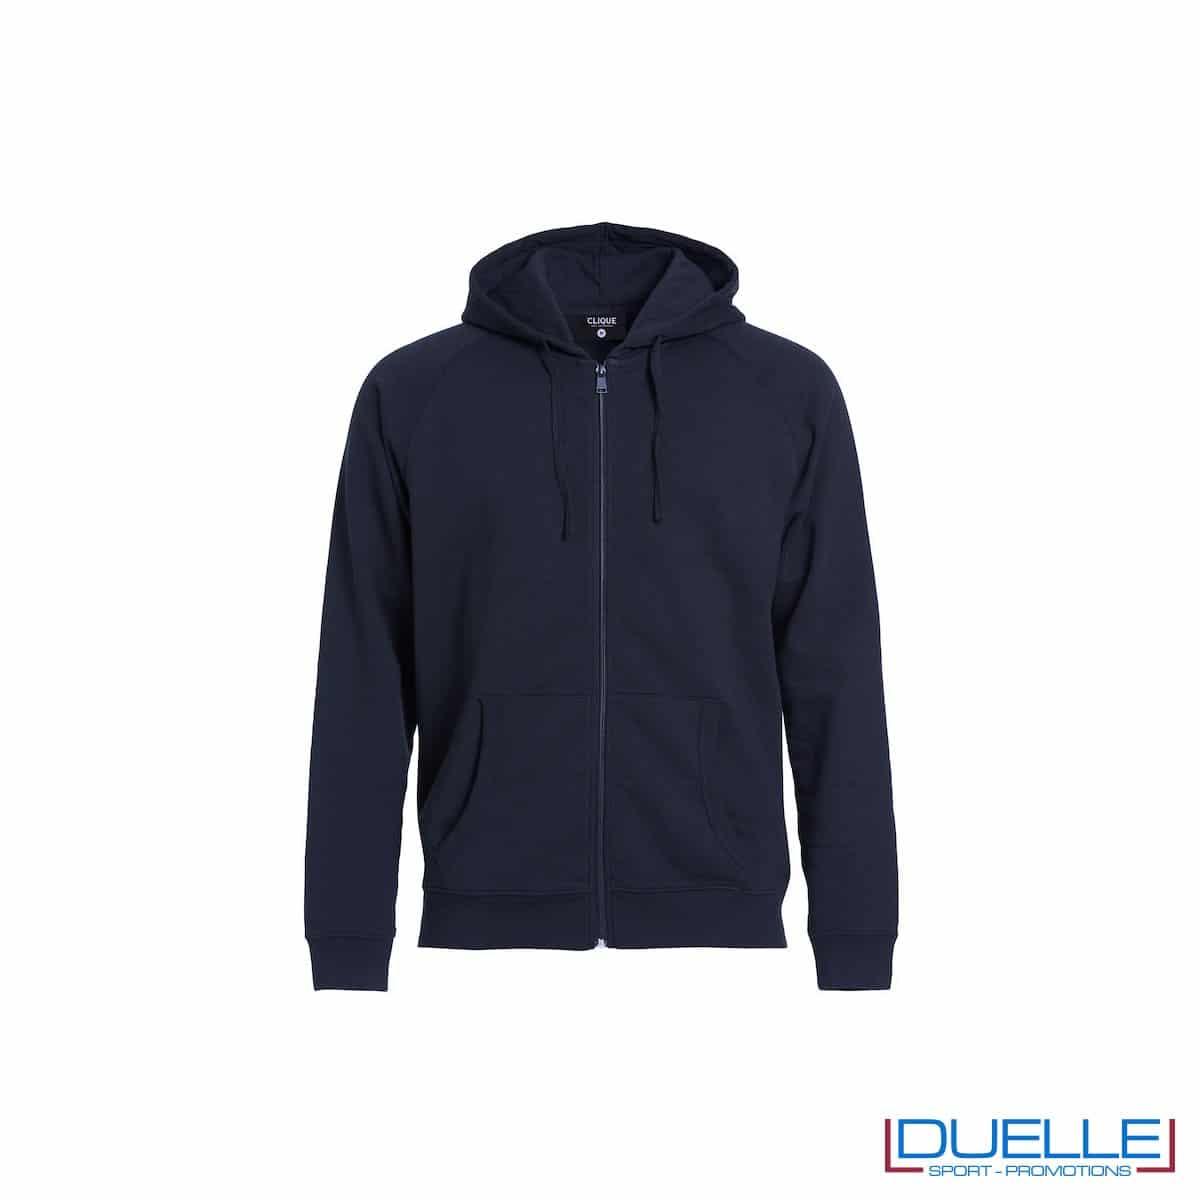 Felpa con cappuccio e full zip personalizzata colore blu navy